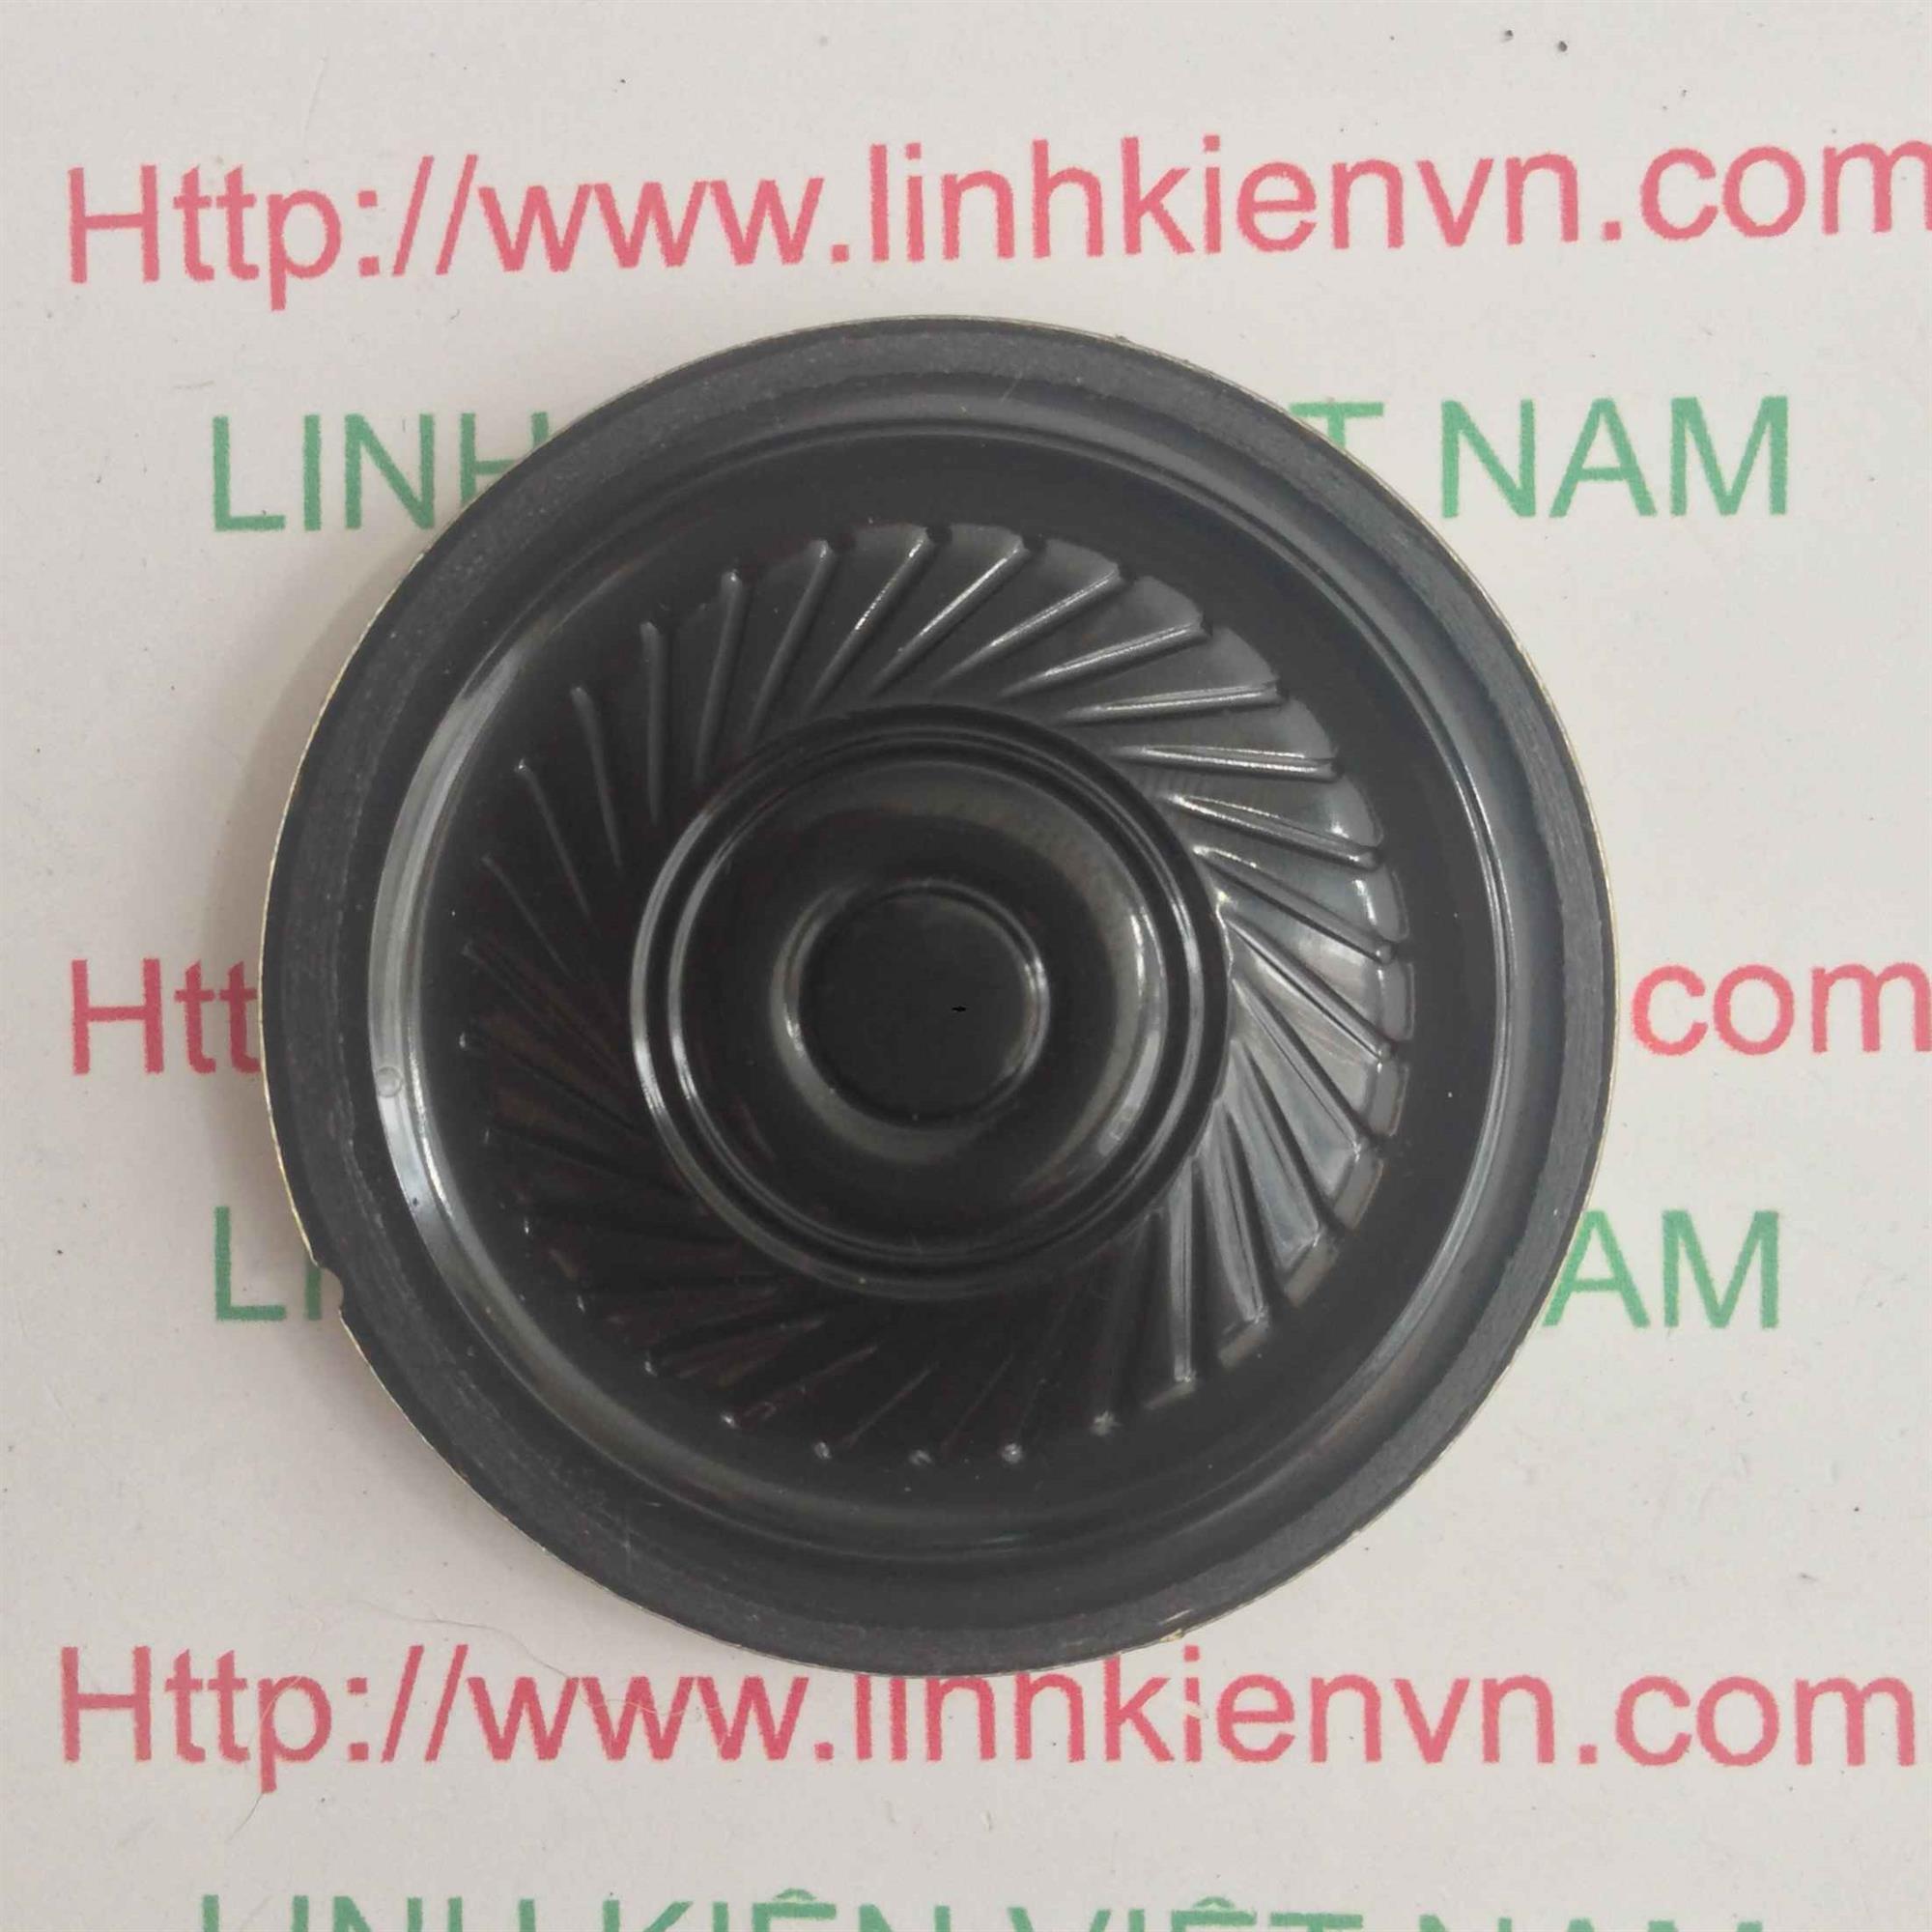 Loa 8 ohm 2W - 8R 2W 36mm - D2H9 (KA4H1)